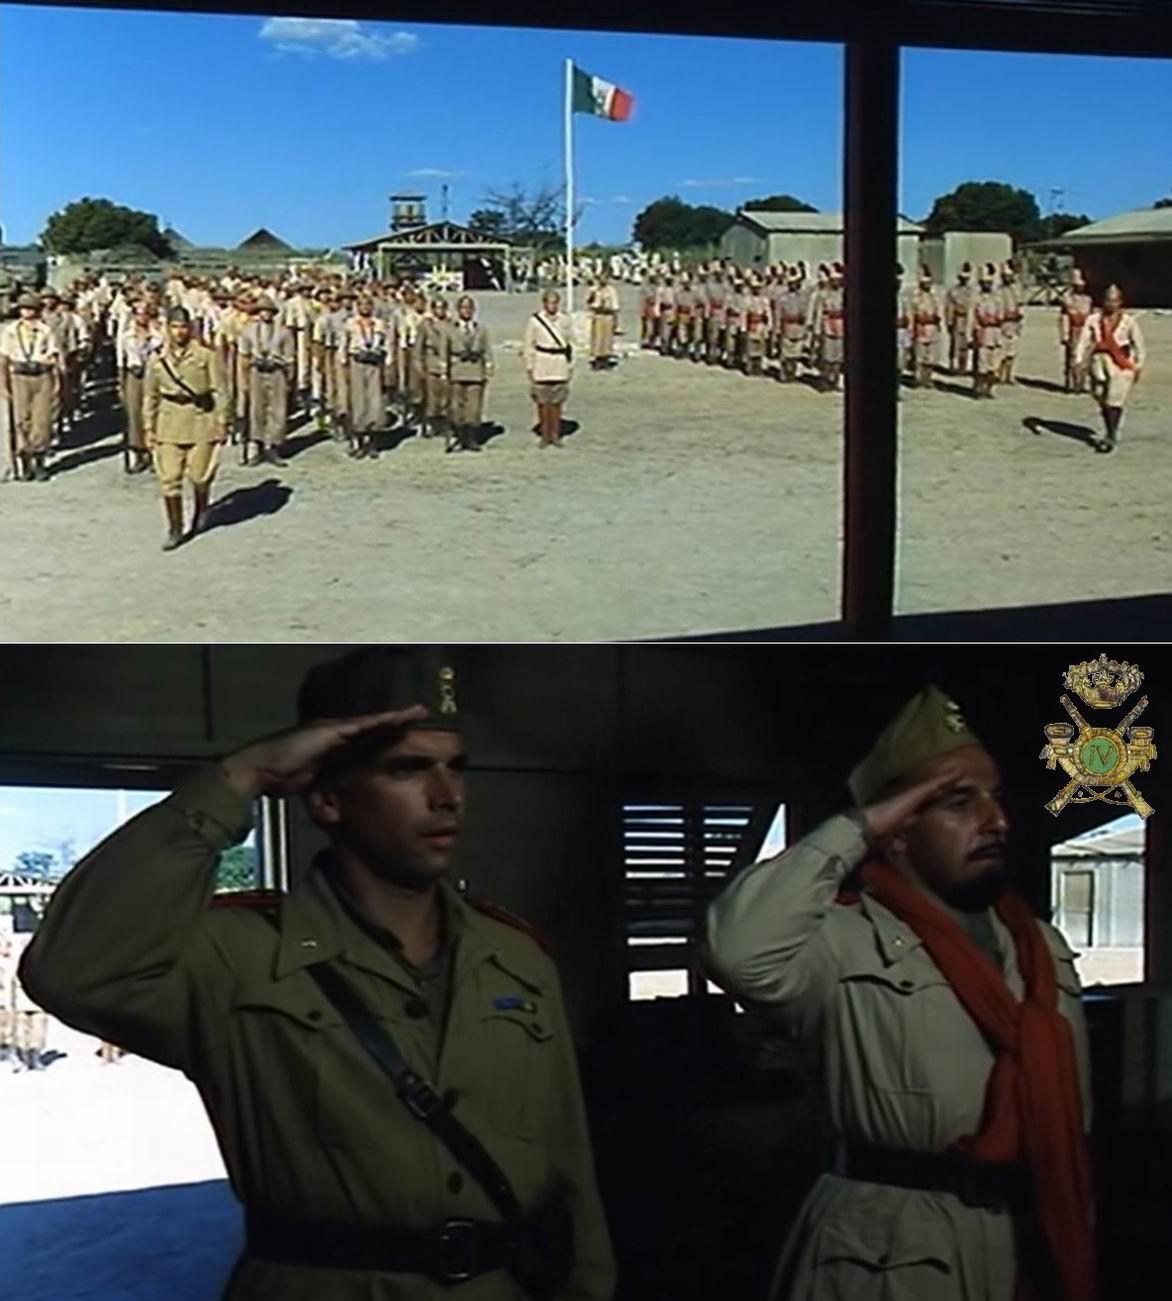 Построение. Командиры пехоты и туземцев идут на доклад. Итальянский офицер носит кушак, как у своих подчиненных, и кокарду RCTC (зеленый центр - Эритрея и Сомали), кант погон - в цвет кушака части. И разумеется сахариана...